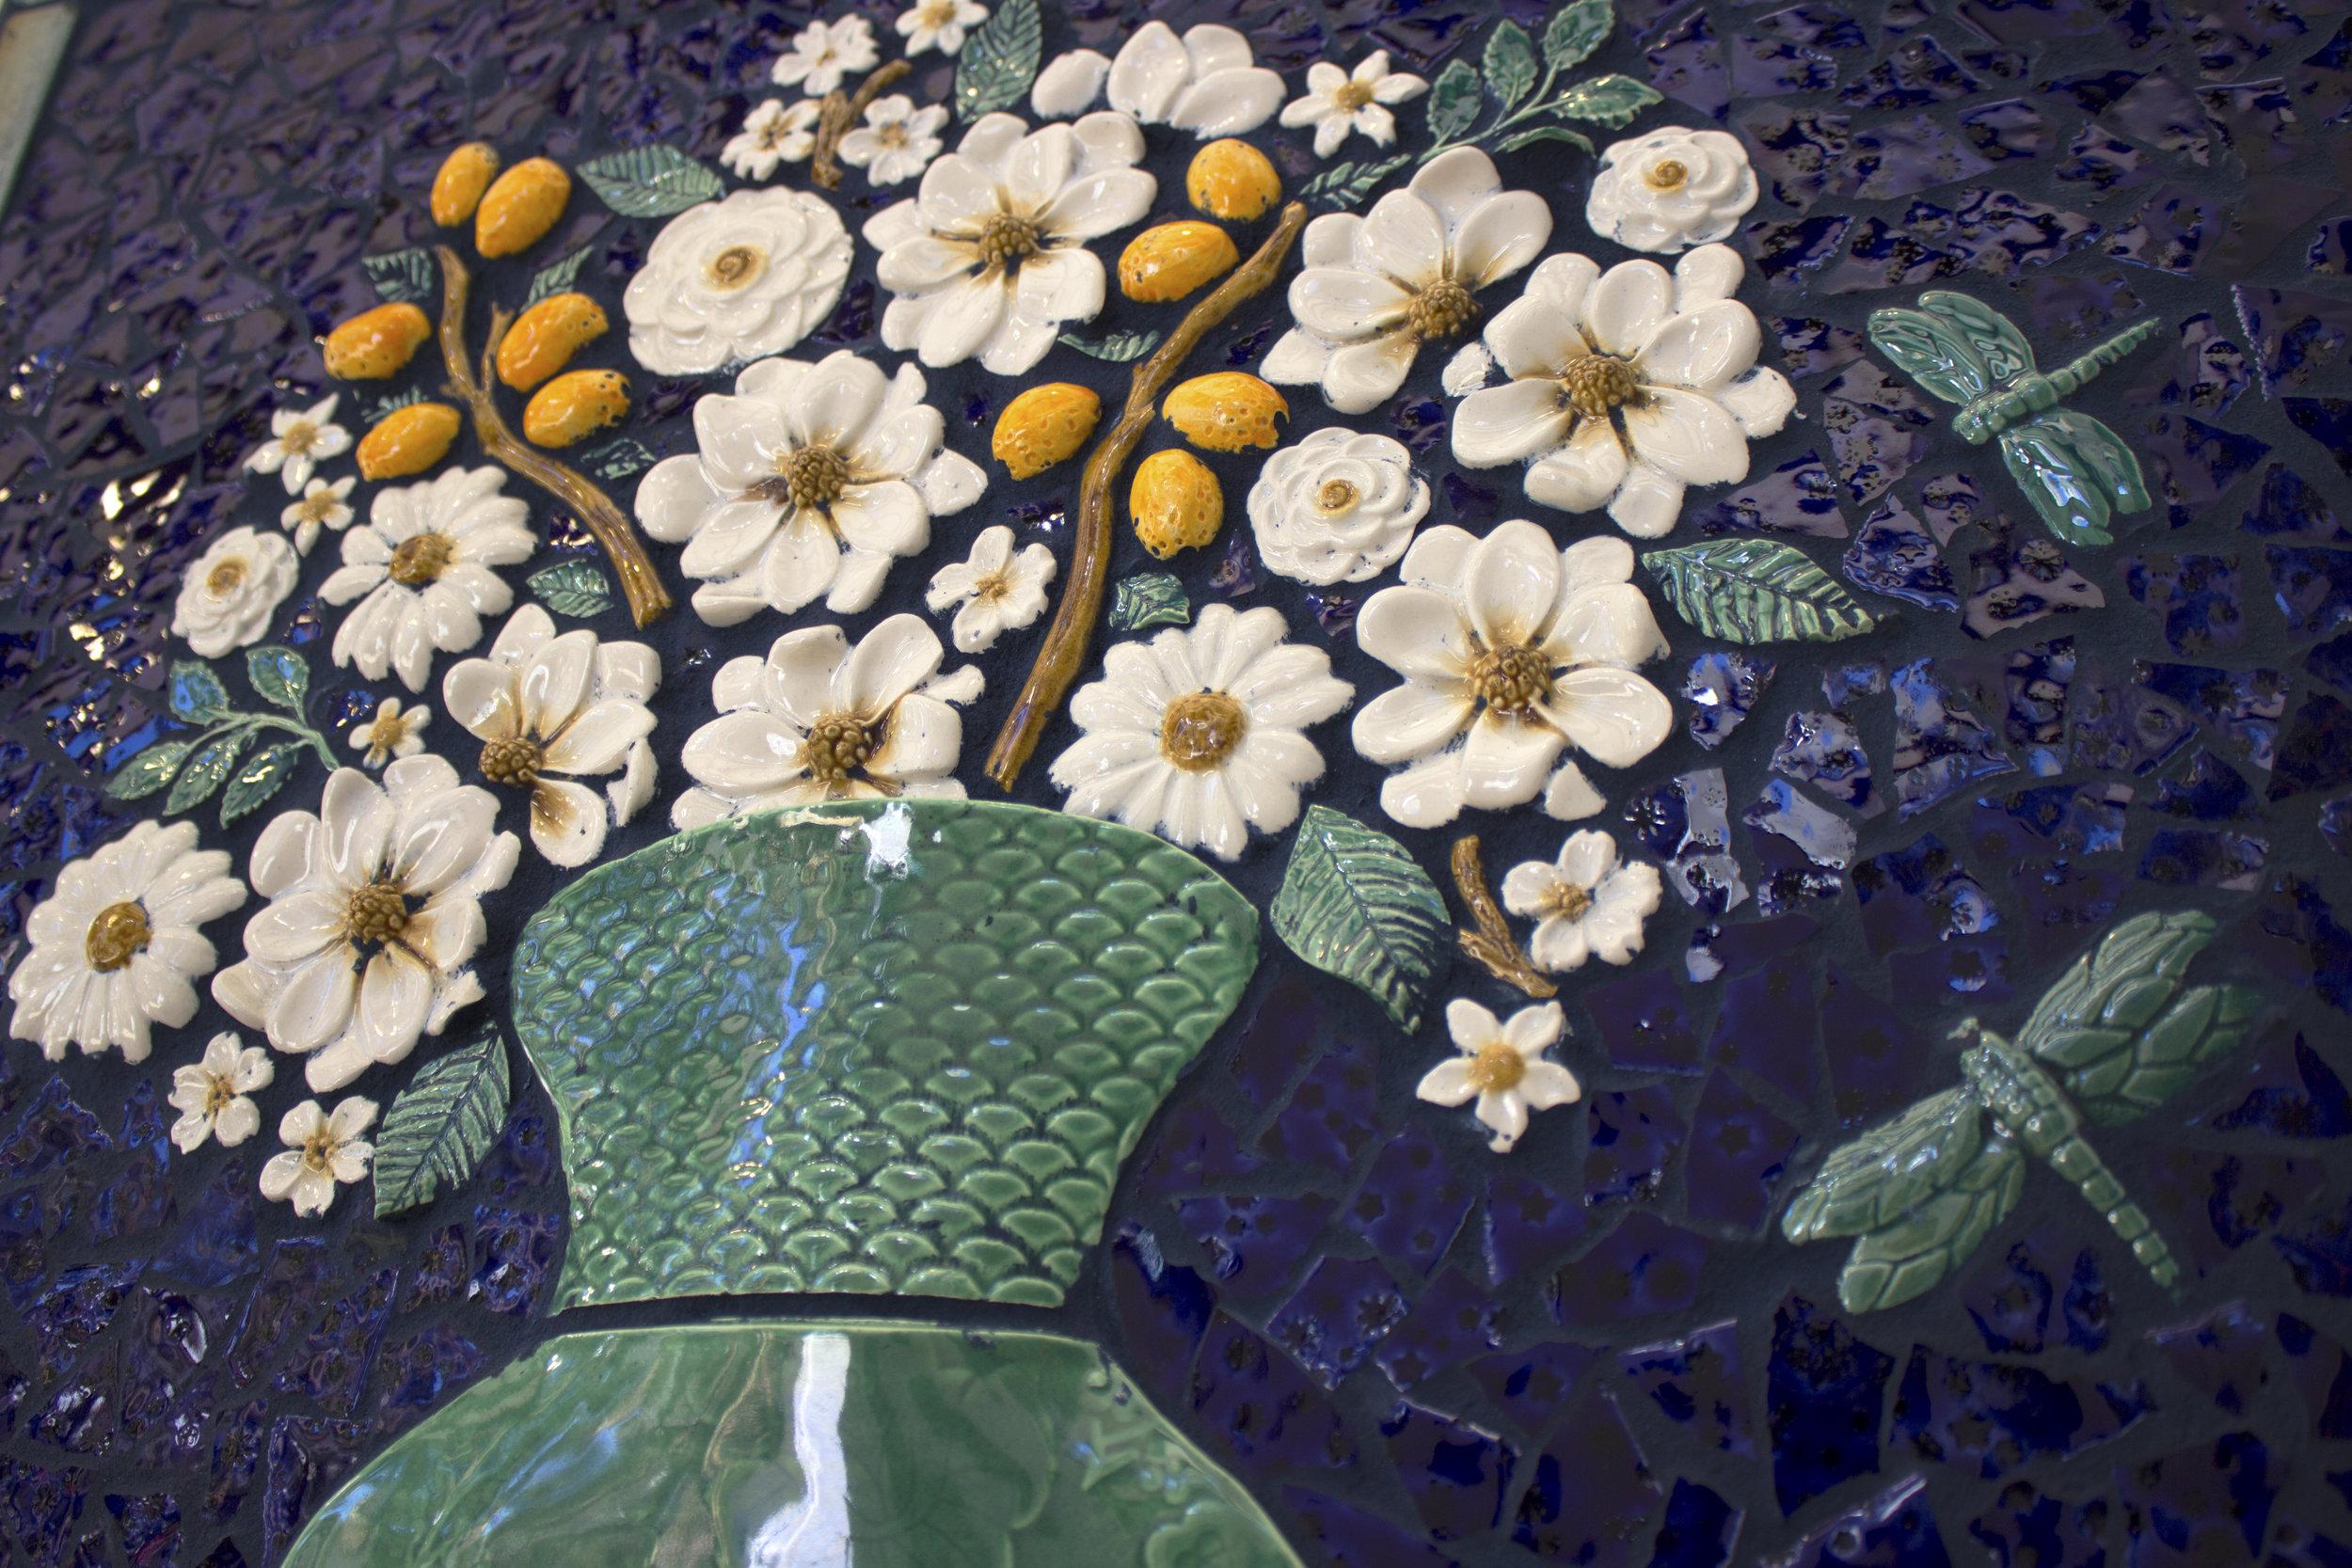 Bountiful Vase 3.jpg